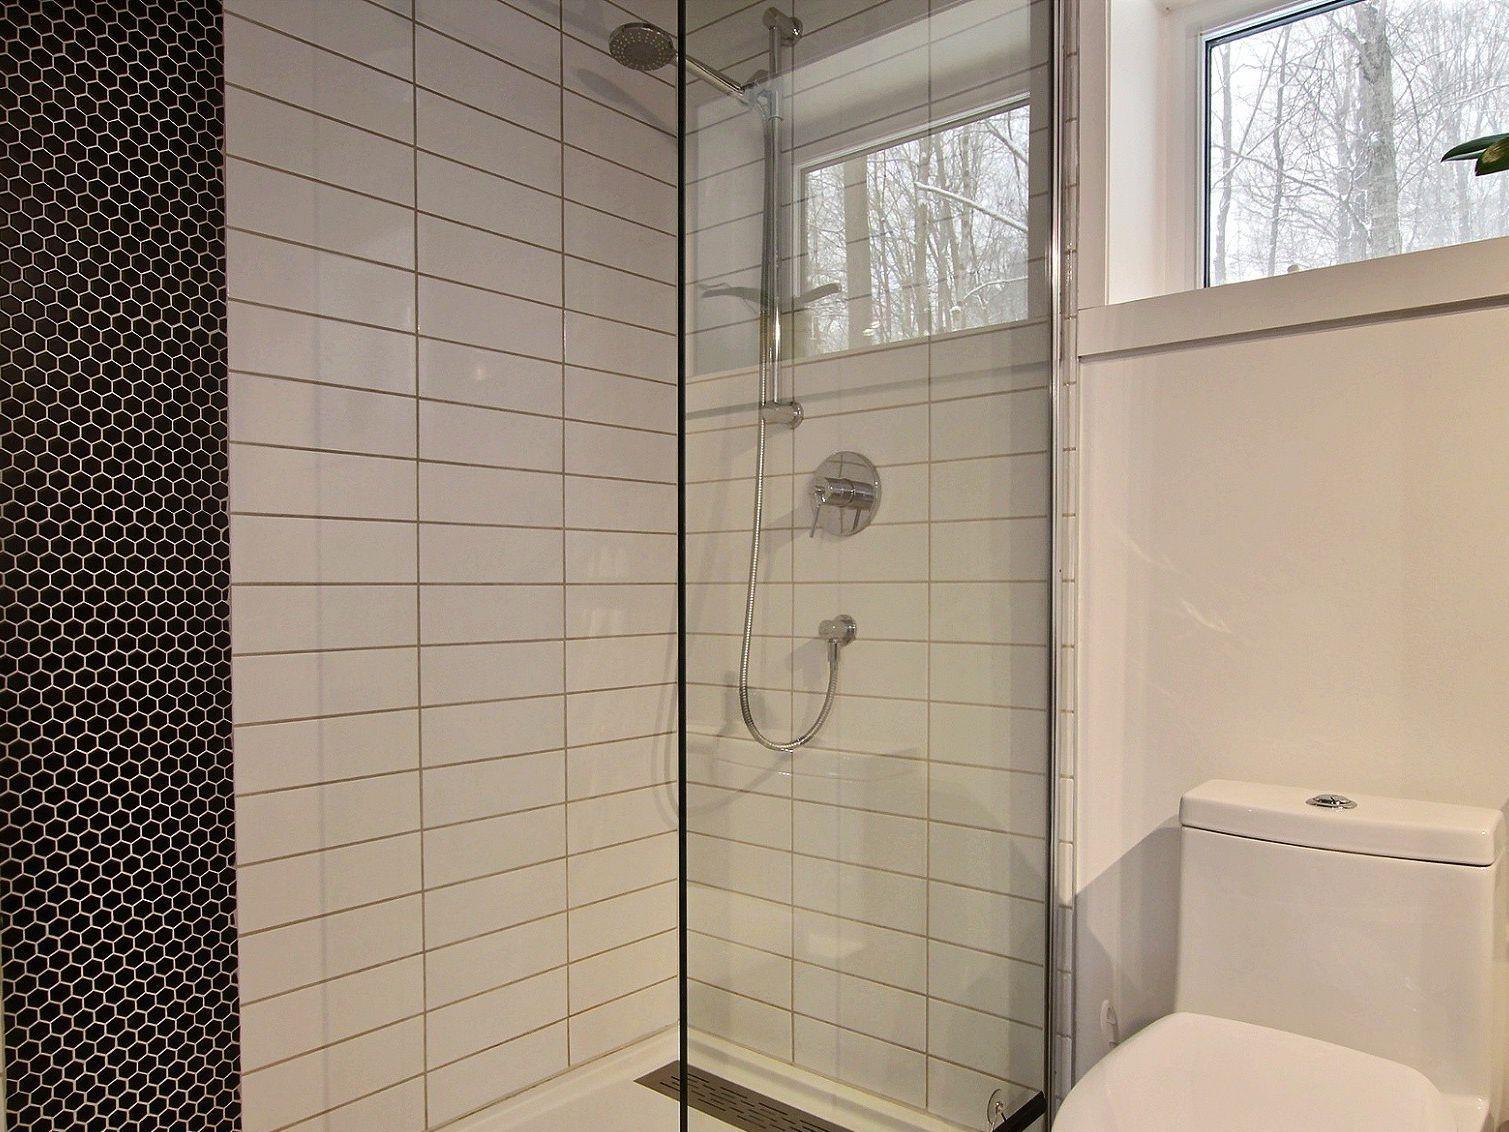 salle-de-bain-des-maitres-maison-a-un-etage-et-demi-a-vendre-rigaud-quebec-province-1600-8478617.jpg